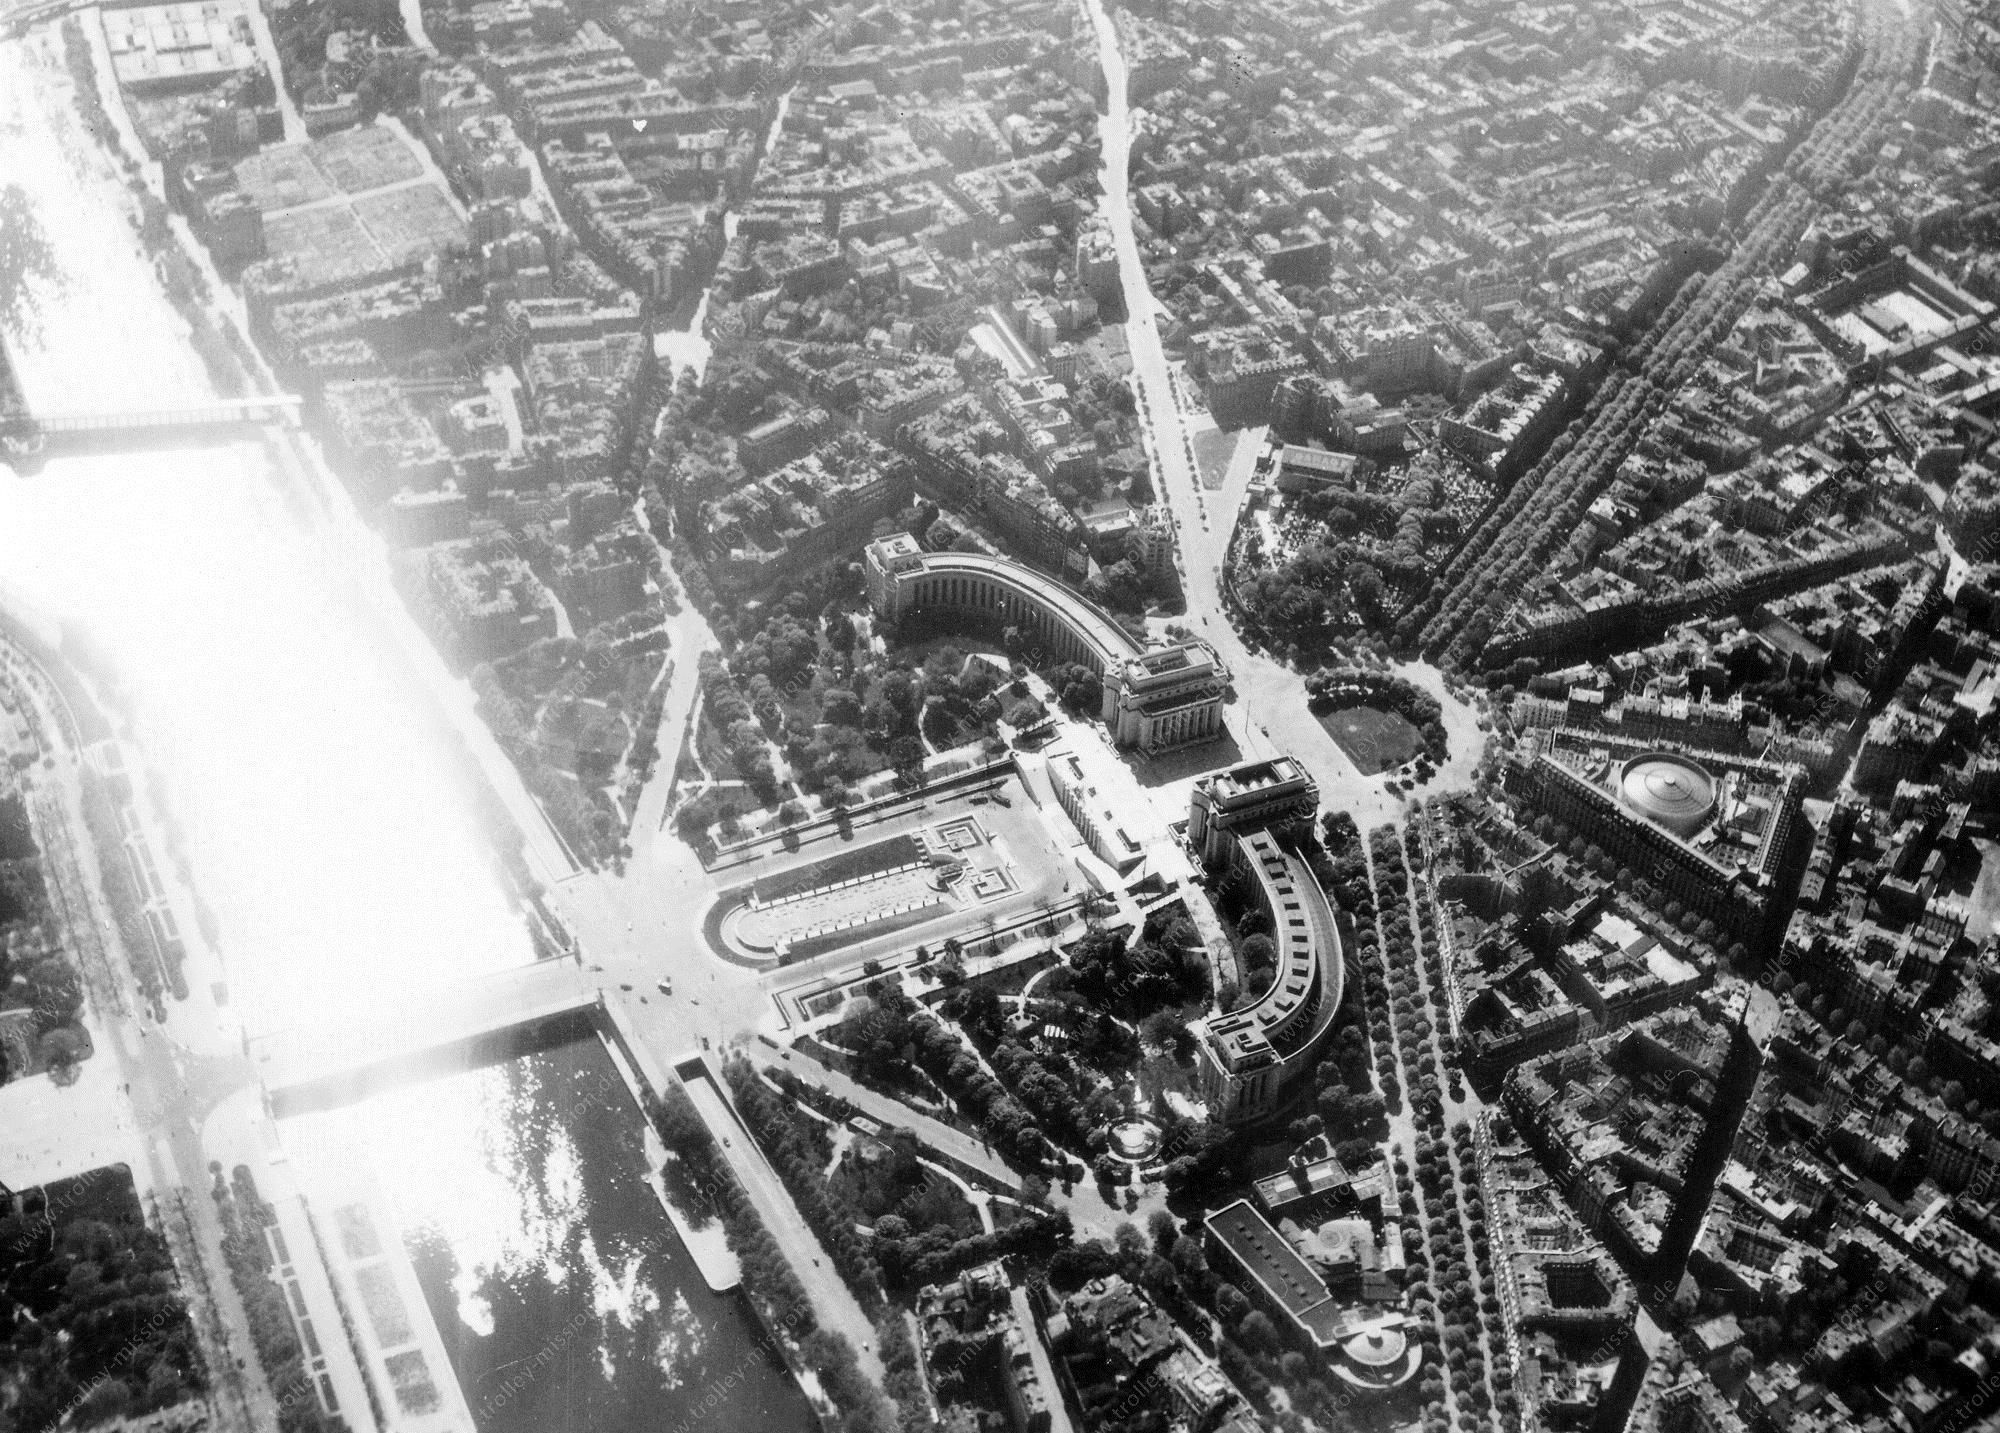 Paris 1945 Luftbild Palais de Chaillot 2/3 (Frankreich)